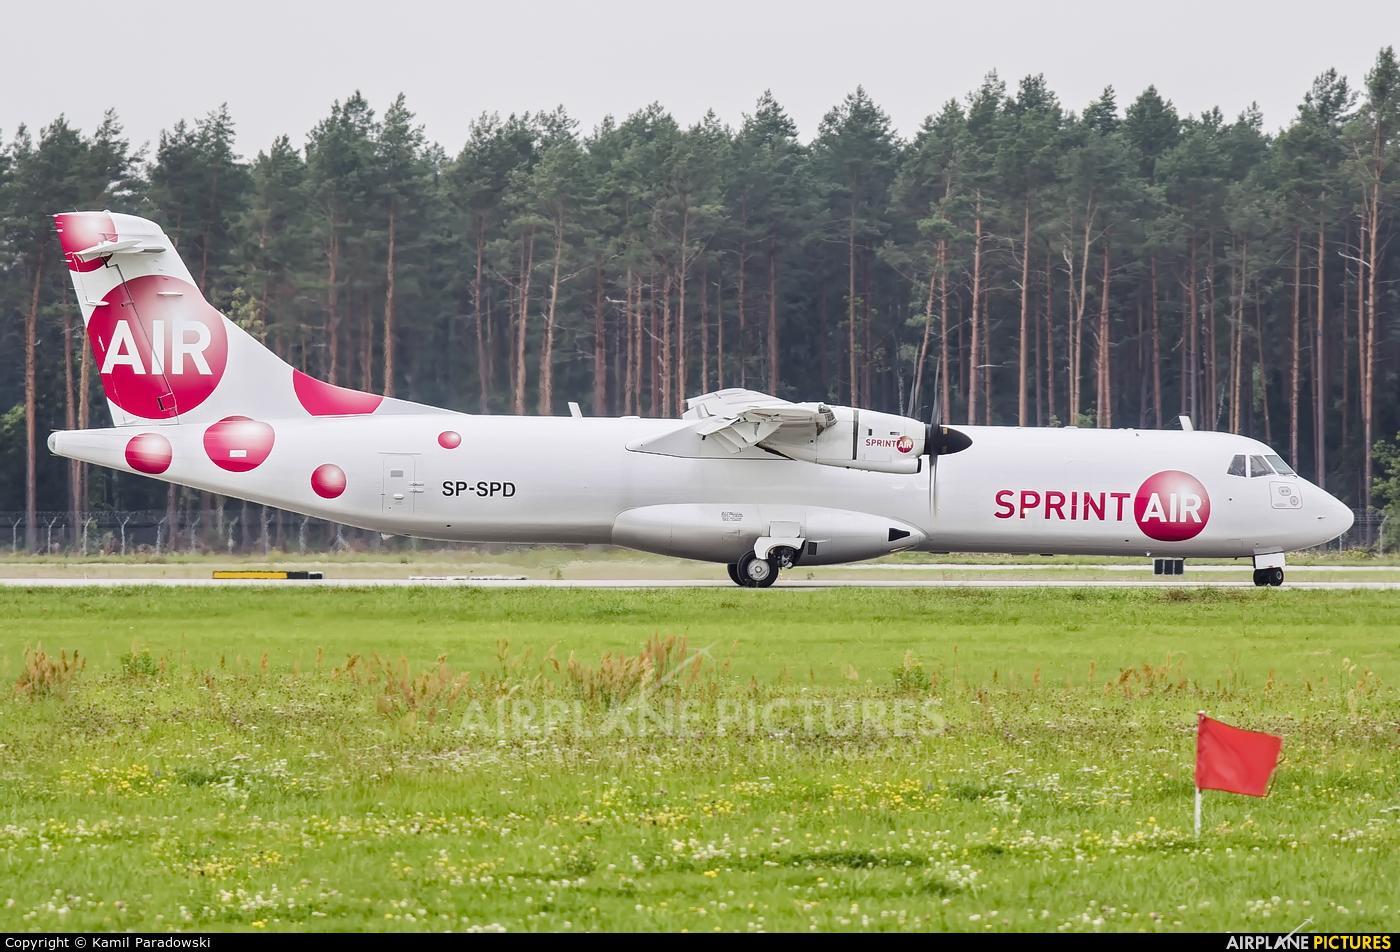 Sprint Air SP-SPD aircraft at Olsztyn Mazury Airport (Szymany)